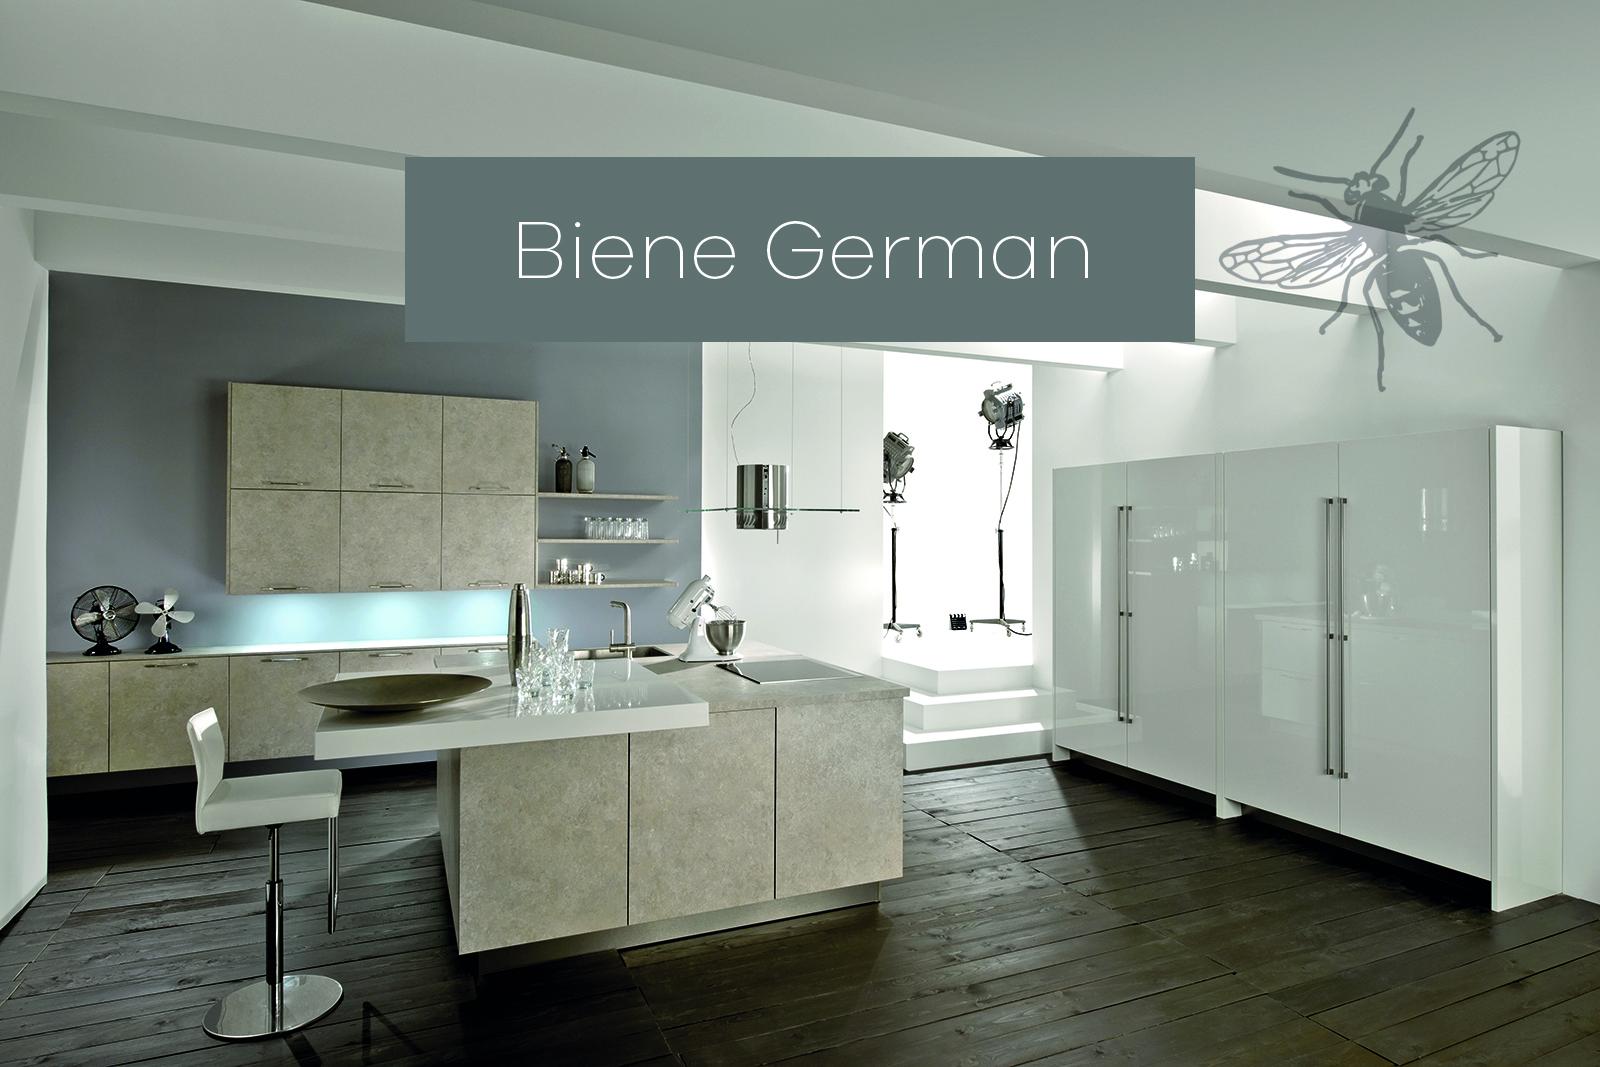 Biene_Homepage.jpg